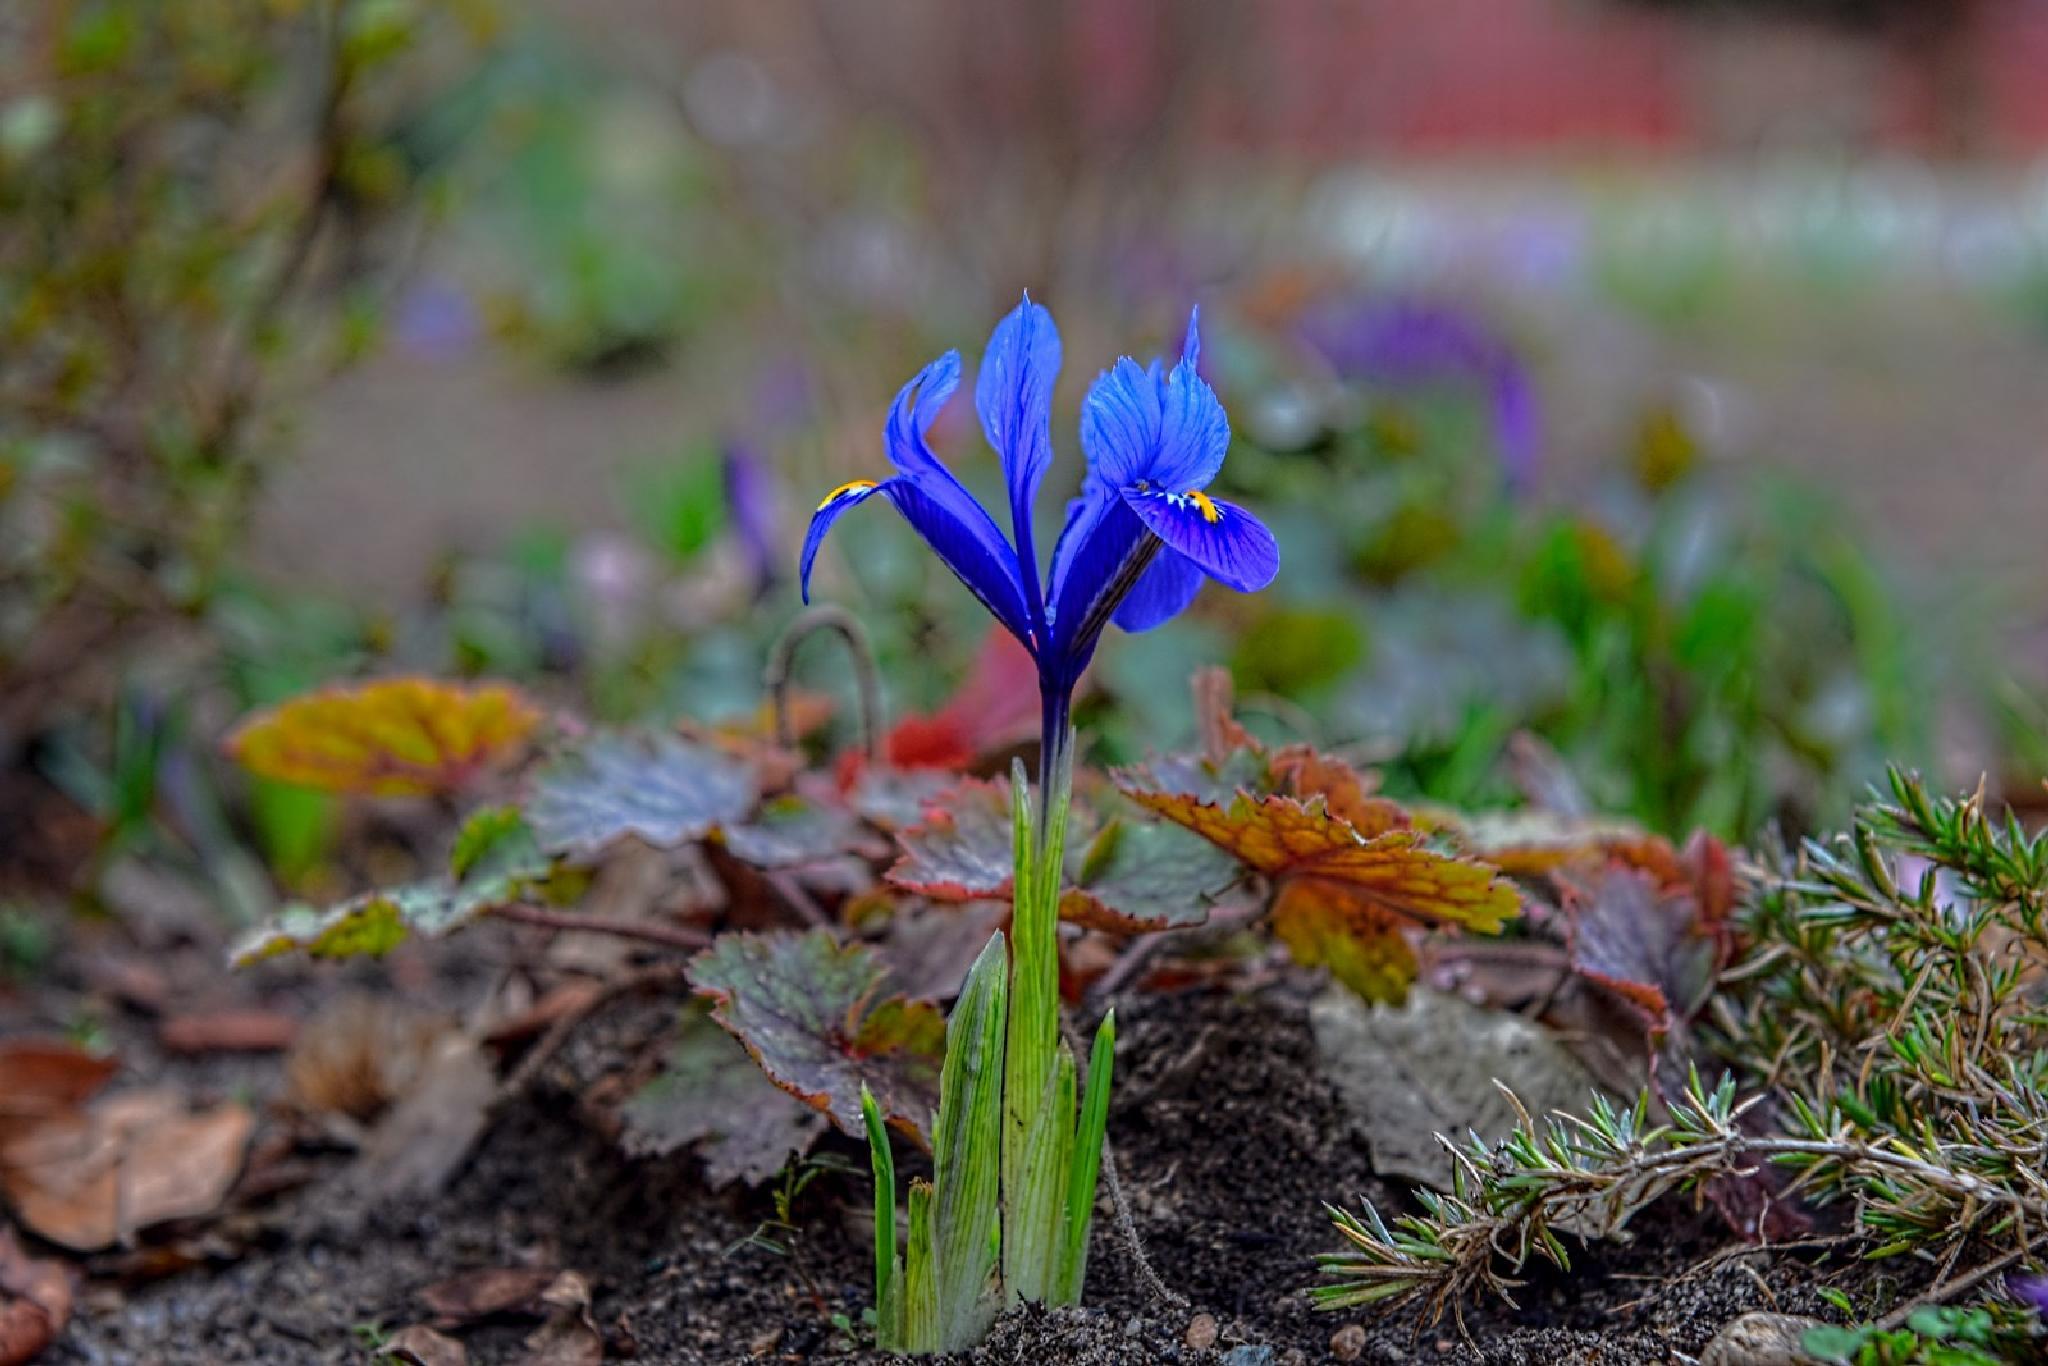 Spring news  by Waldemar Sadlowski